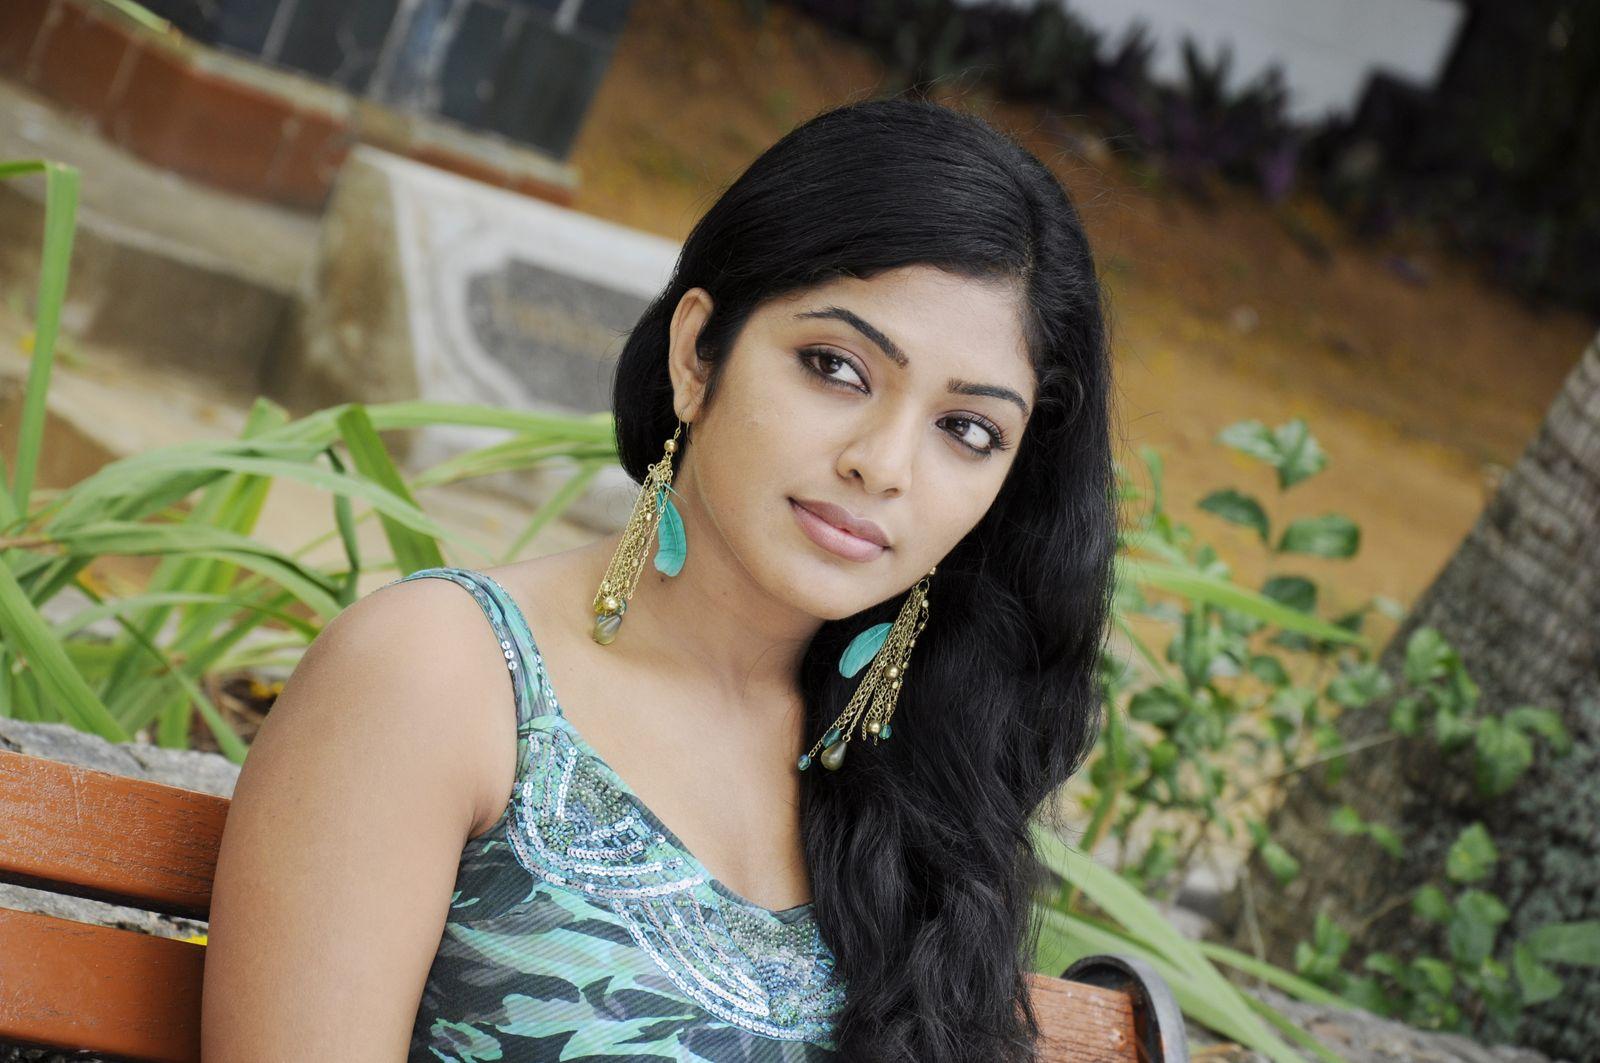 Indian Girls Photos Wallpapers (49+)